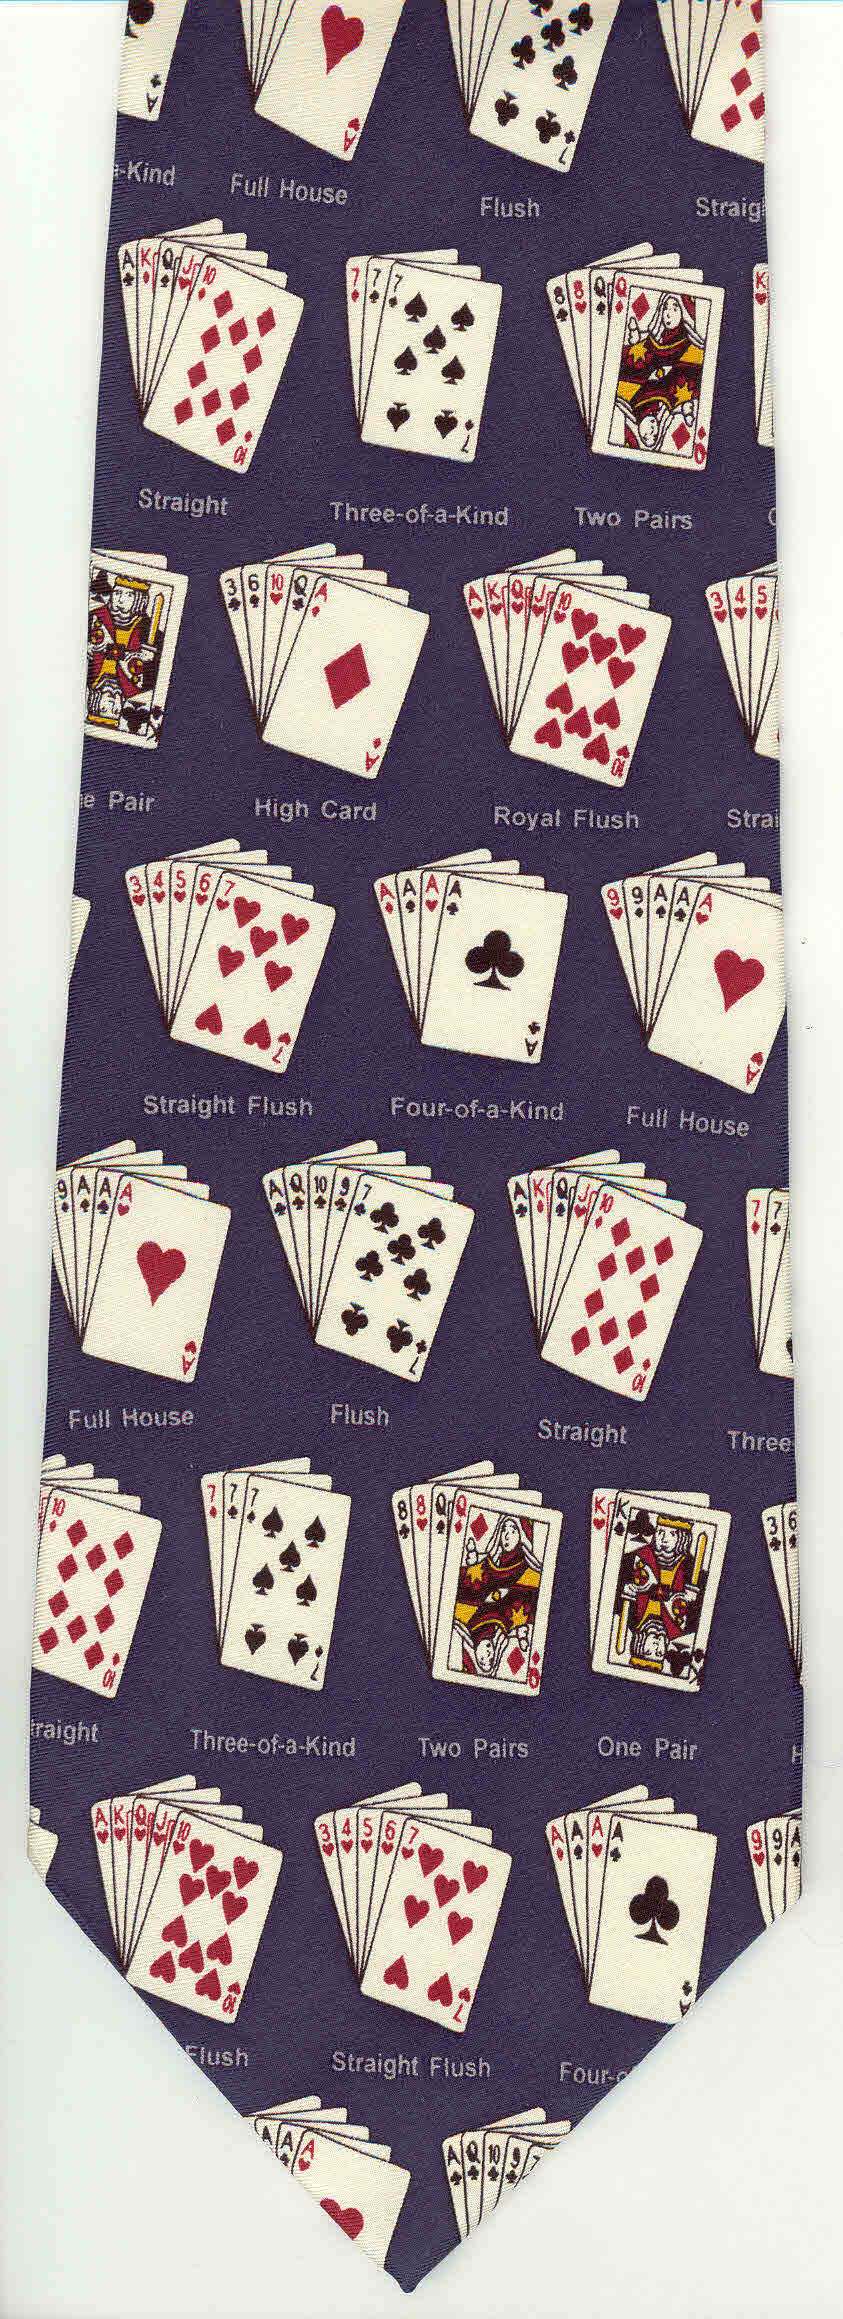 052 Hands Of Poker.jpg